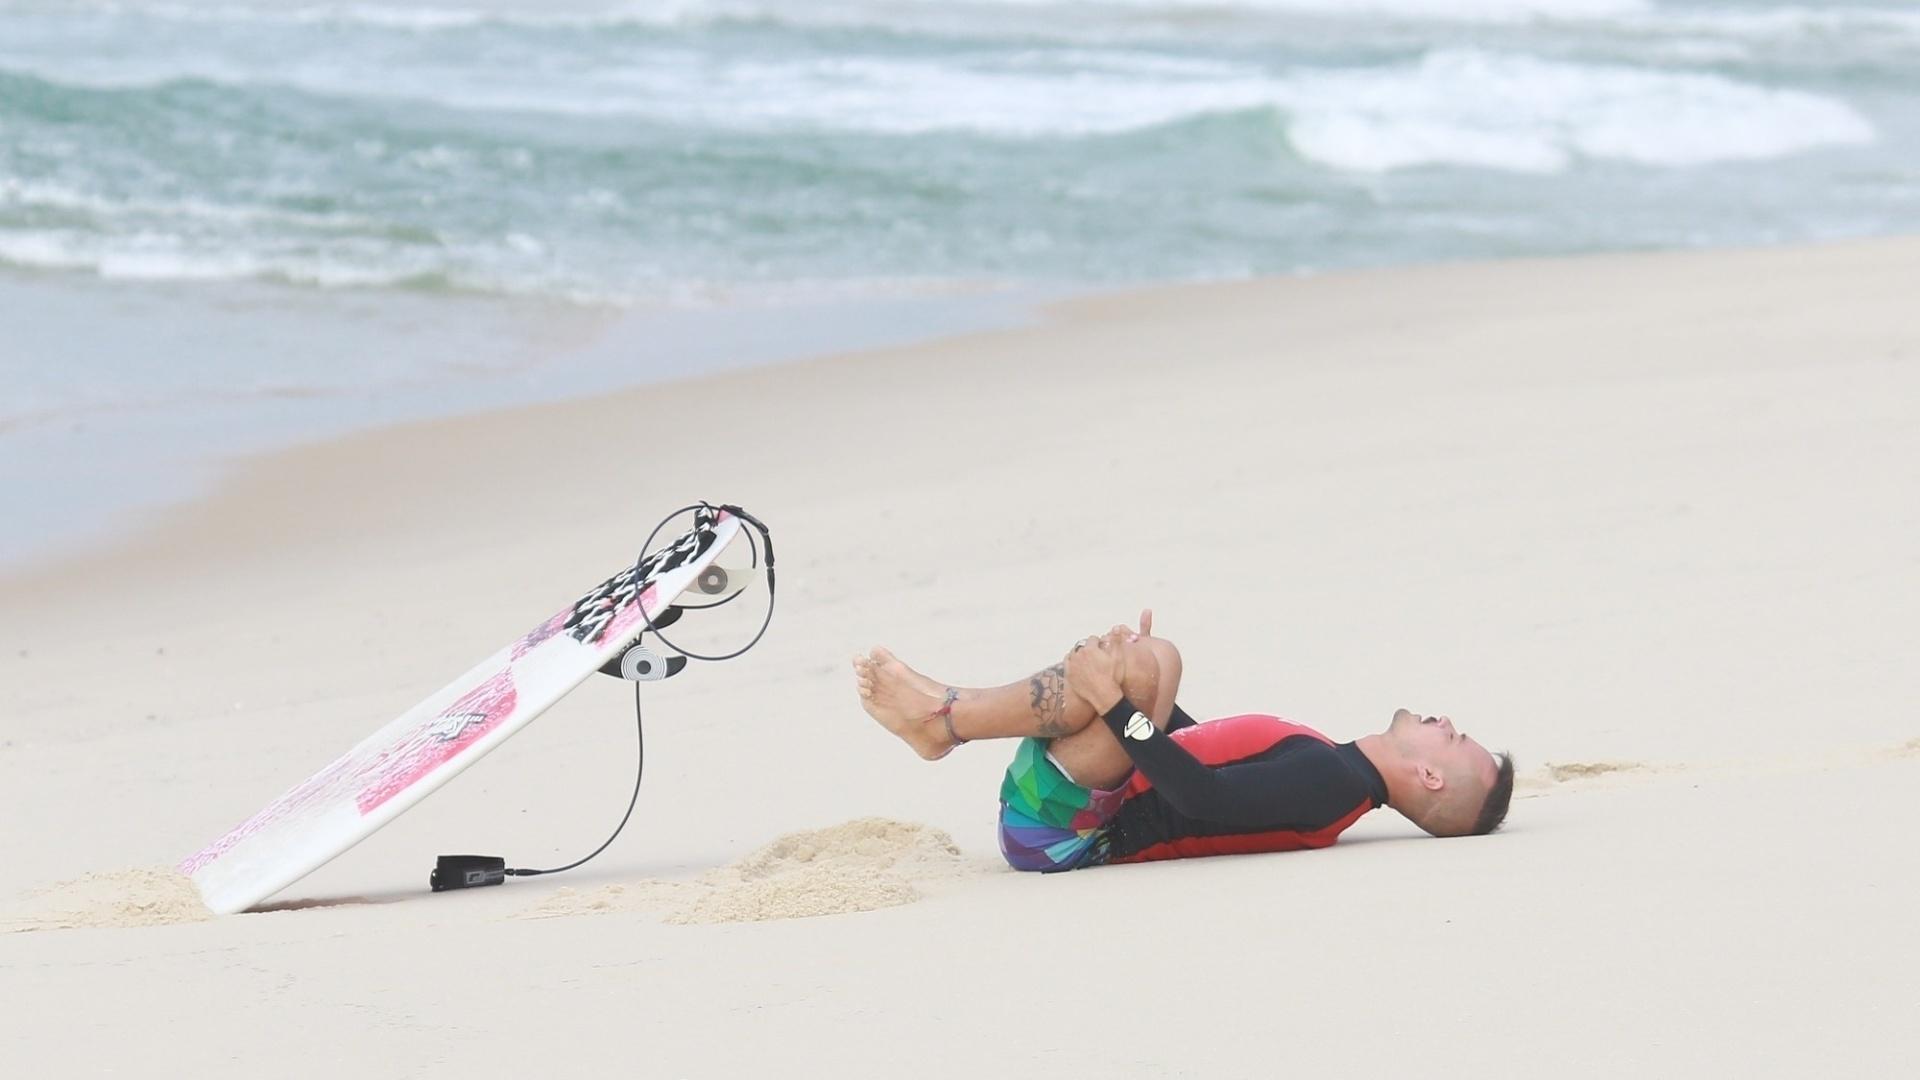 23.out.2014 - Paulinho Vilhena se alonga na areia antes de surfar na praia da Reserva, no Rio.